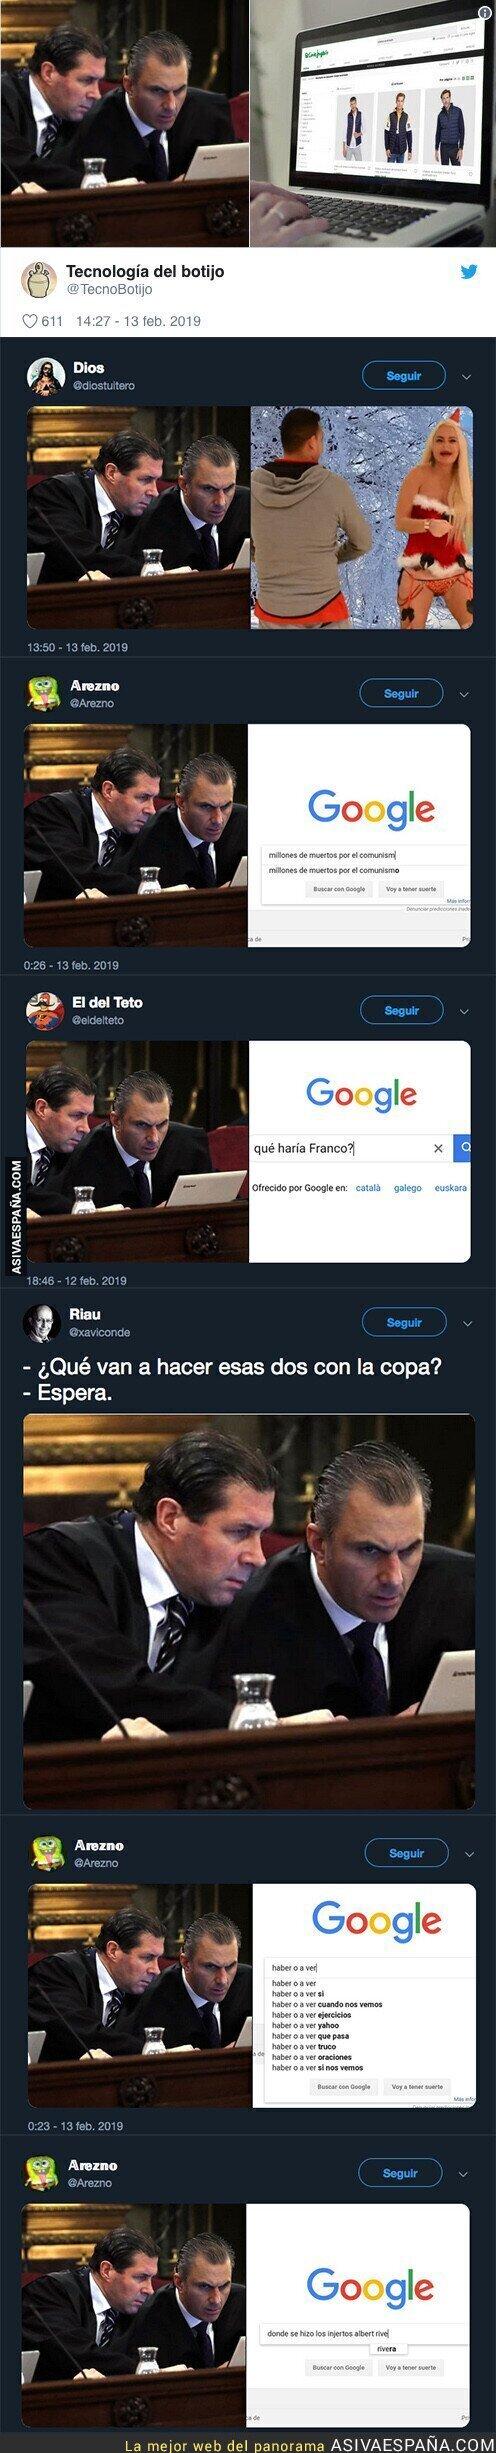 104666 - Los usuarios de Twitter desvelan que miraban los abogados de VOX durante el juicio a los presos políticos independentistas